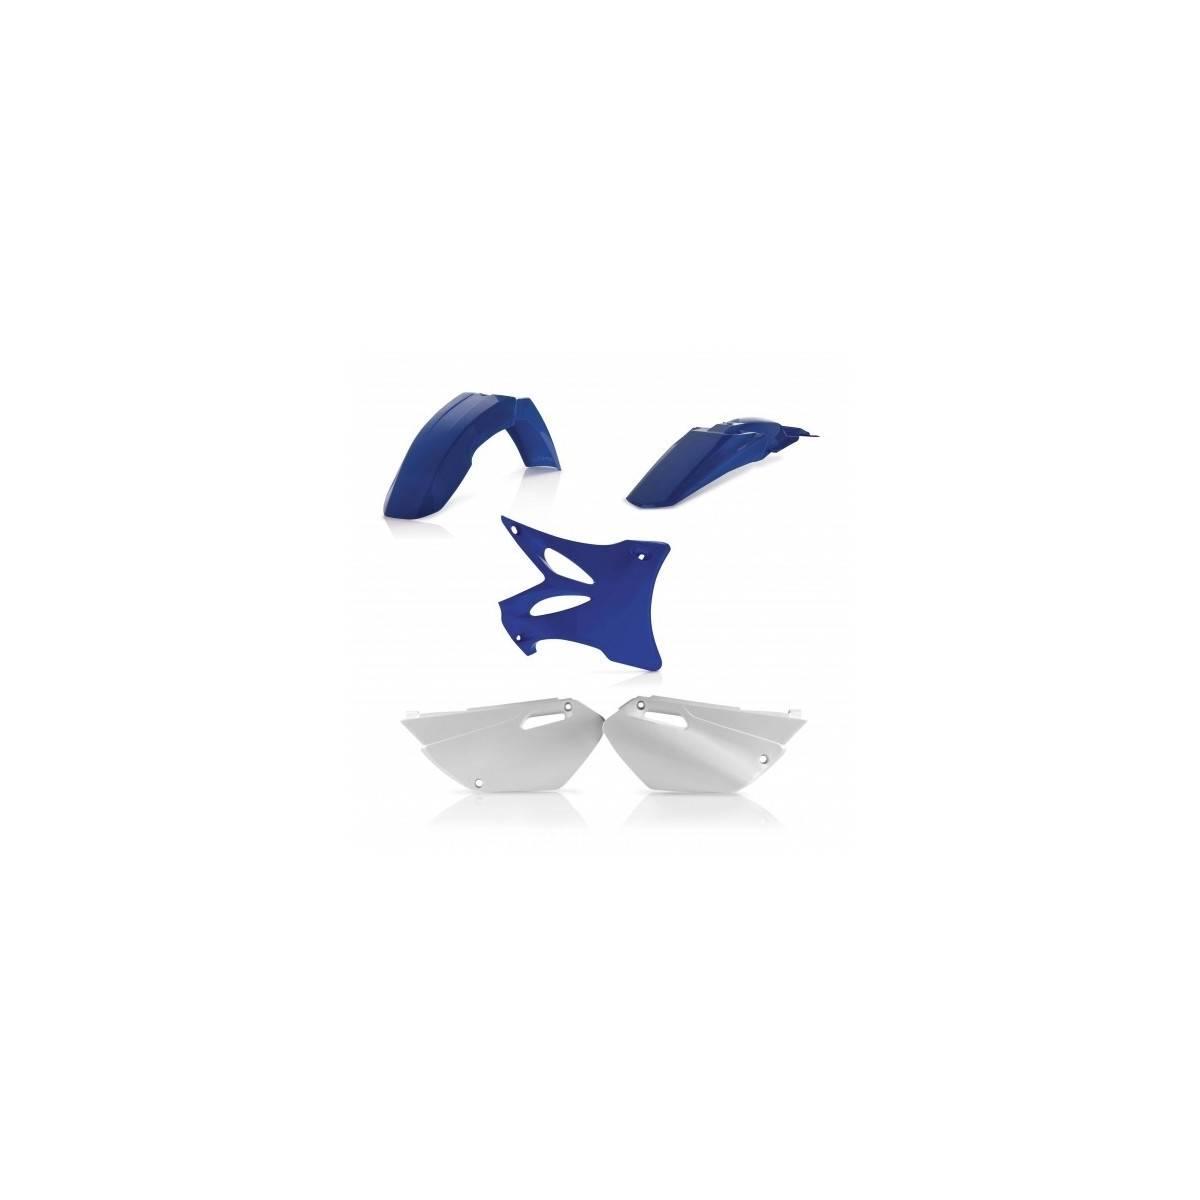 0007512-553 - Kit Plasticos Yz 85 02 14 Yz 85 Lw 04 09 Origen